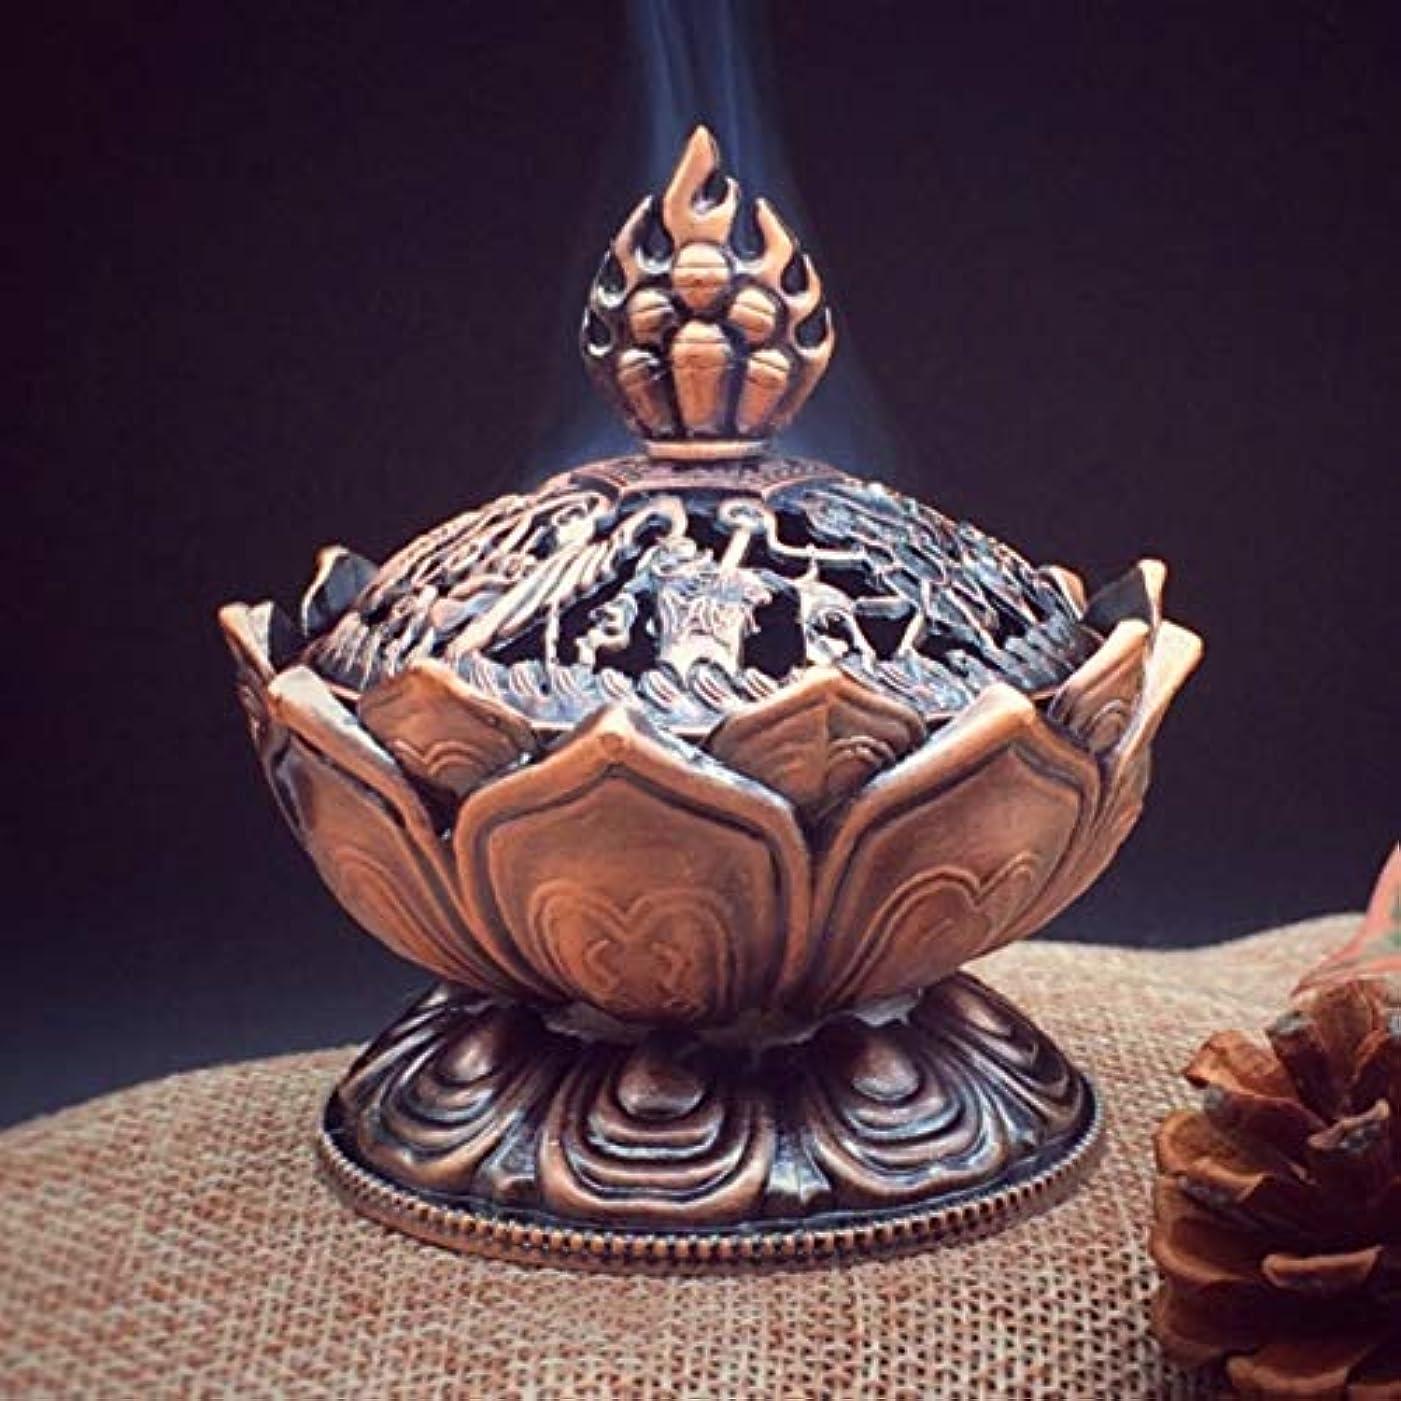 光沢蒸発するブラジャーHoly Tibetan Lotus Designed Incense Burner Zinc Alloy Bronze Mini Incense Burner Incensory Metal Craft Home Decor